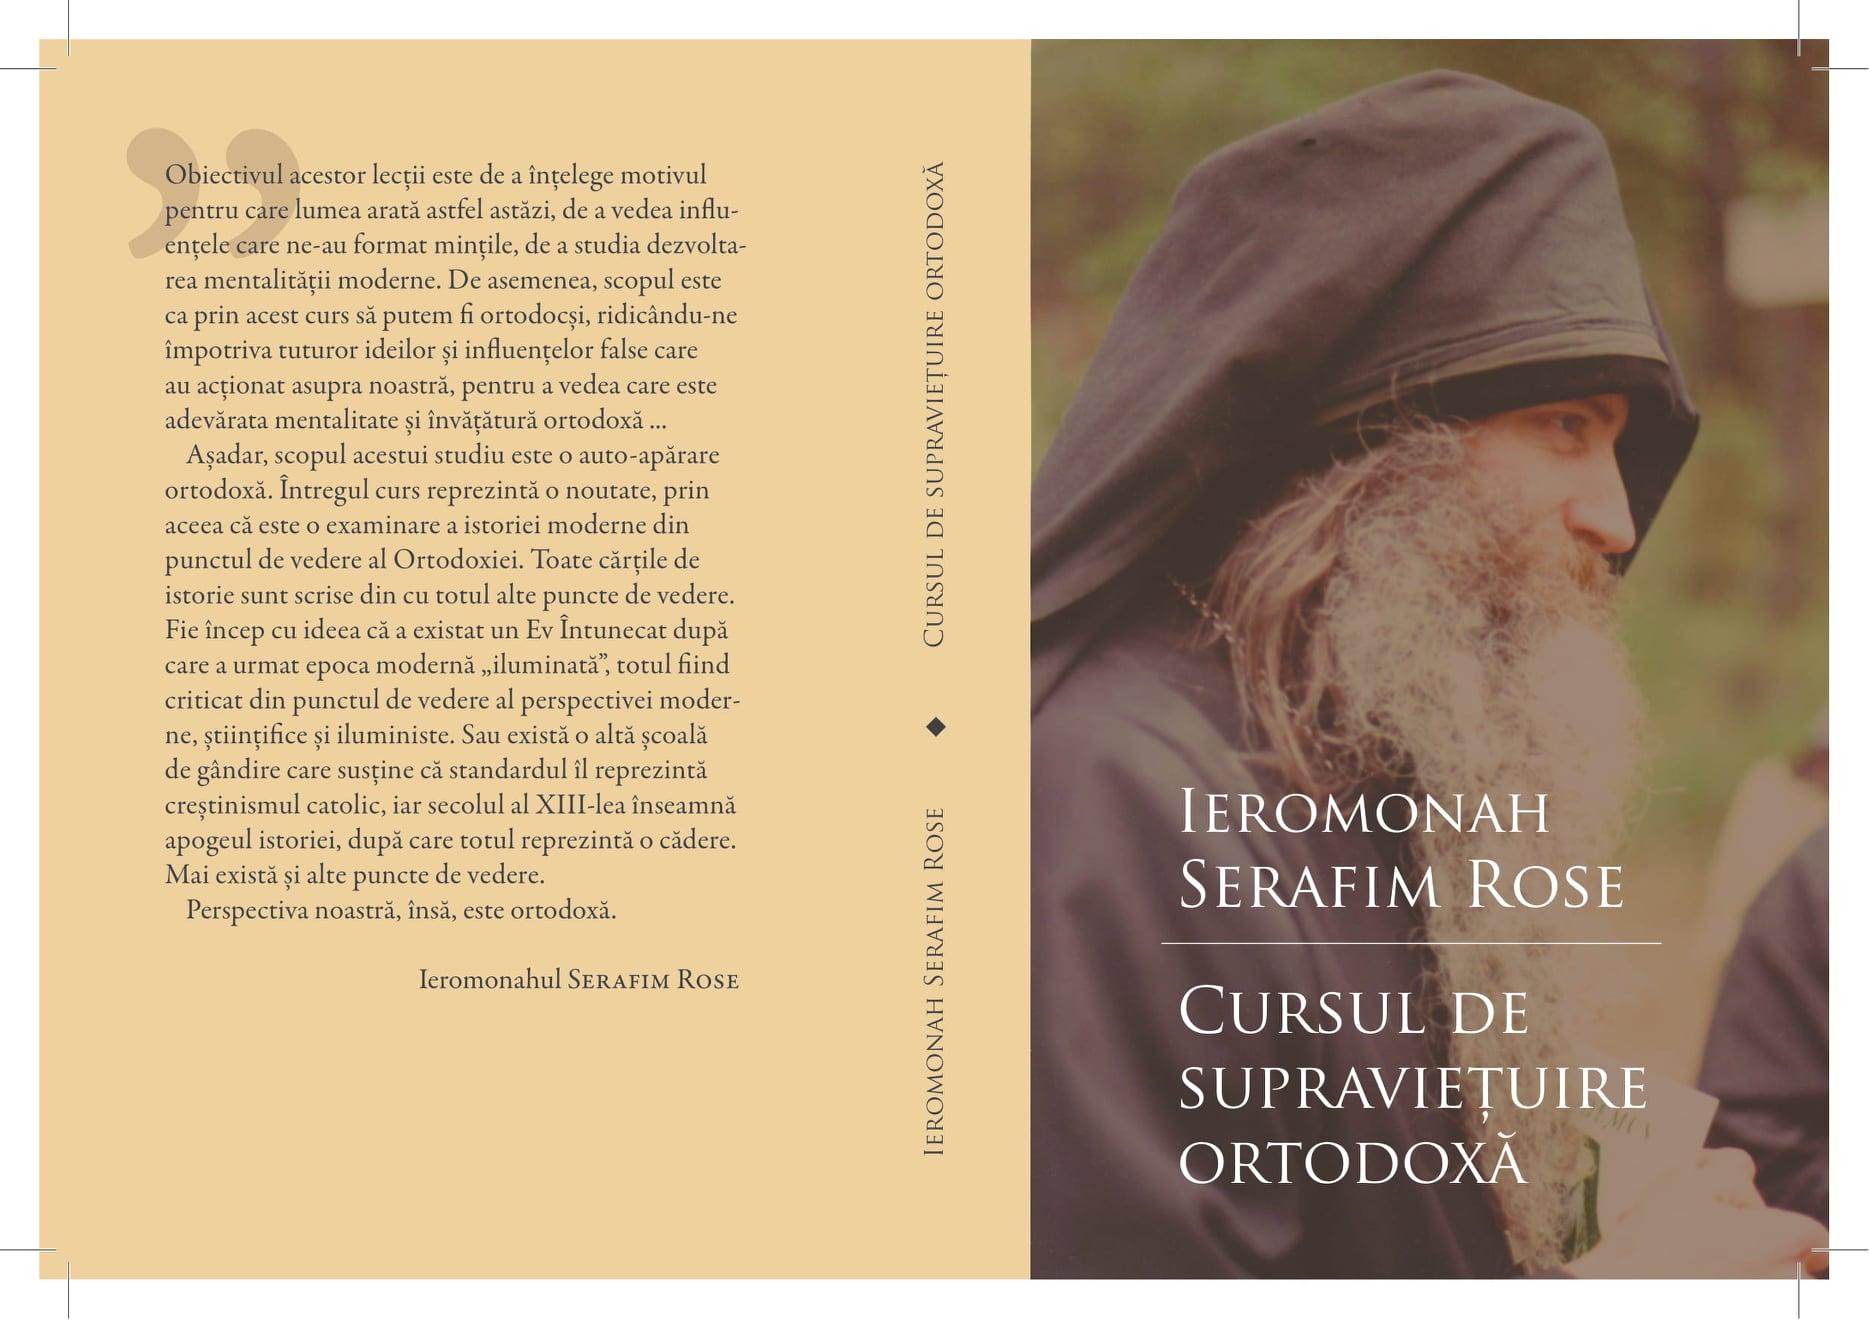 O apariție editorială excepțională: <em>Cursul de Supraviețuire Ortodoxă</em> de Părintele SERAFIM ROSE, pentru prima oară tradus în română